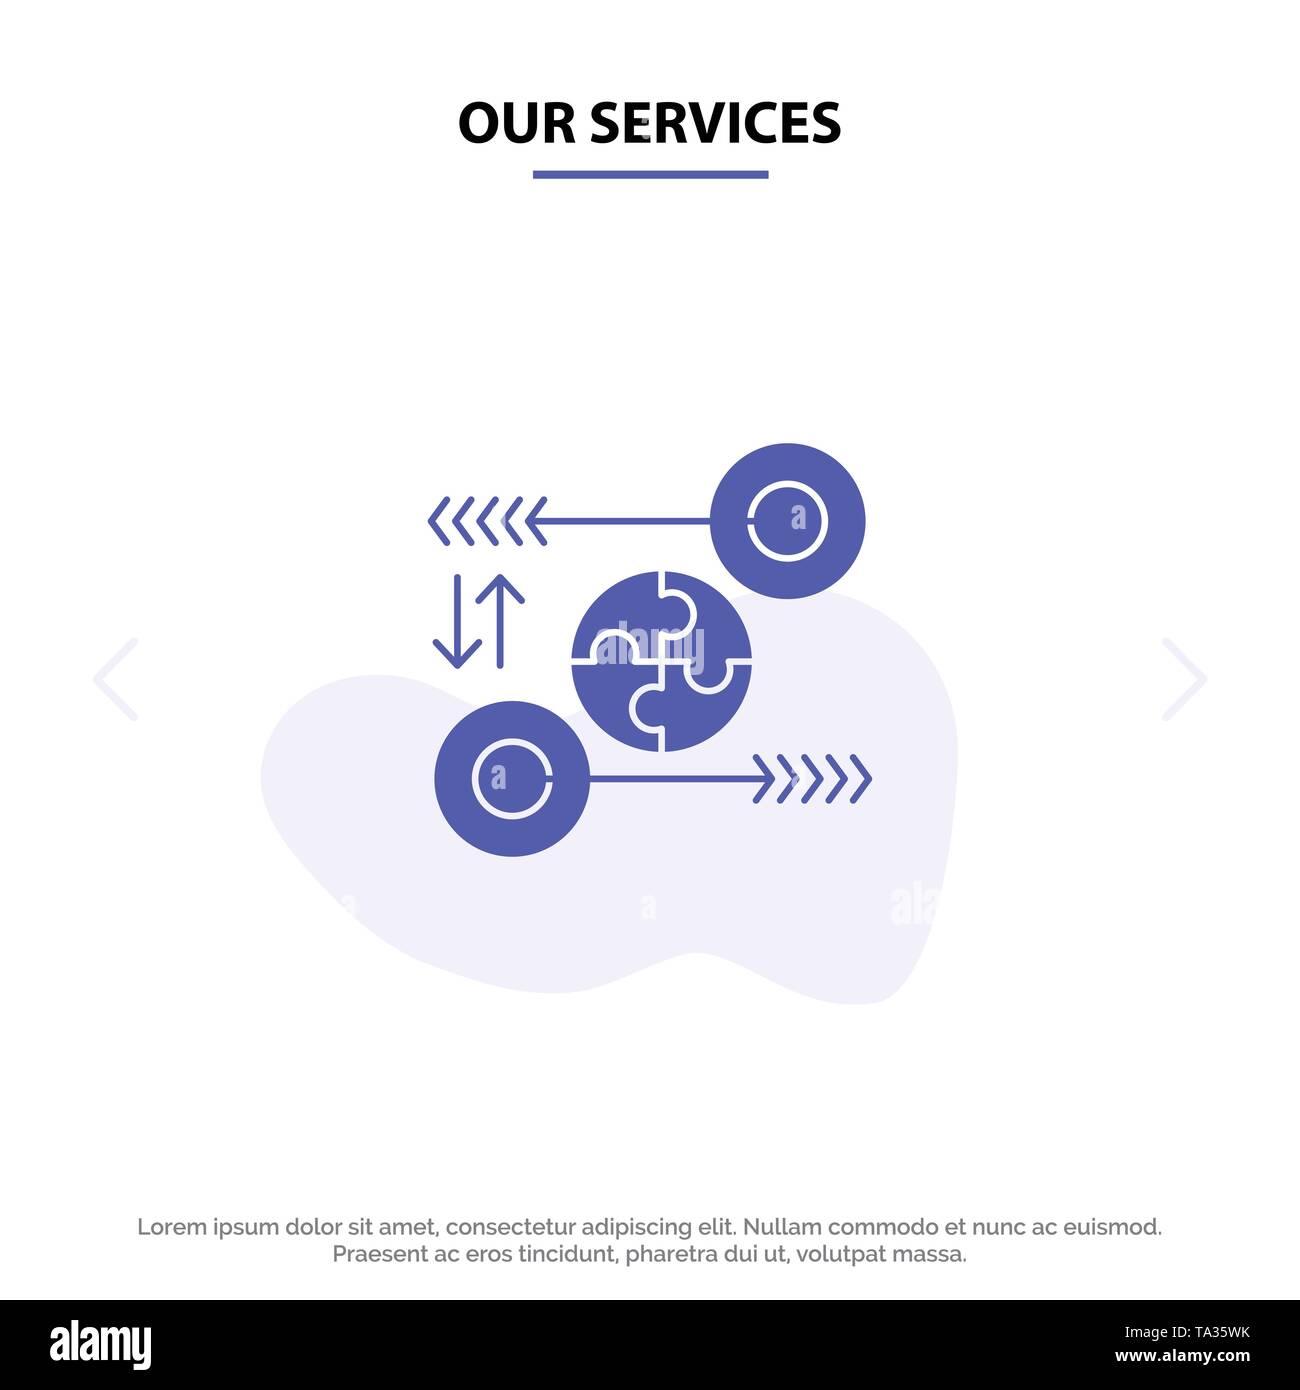 Unsere Leistungen Puzzle, Business, Idee, Marketing, notwendigen soliden Glyph Icon Web Karte Vorlage Stockbild